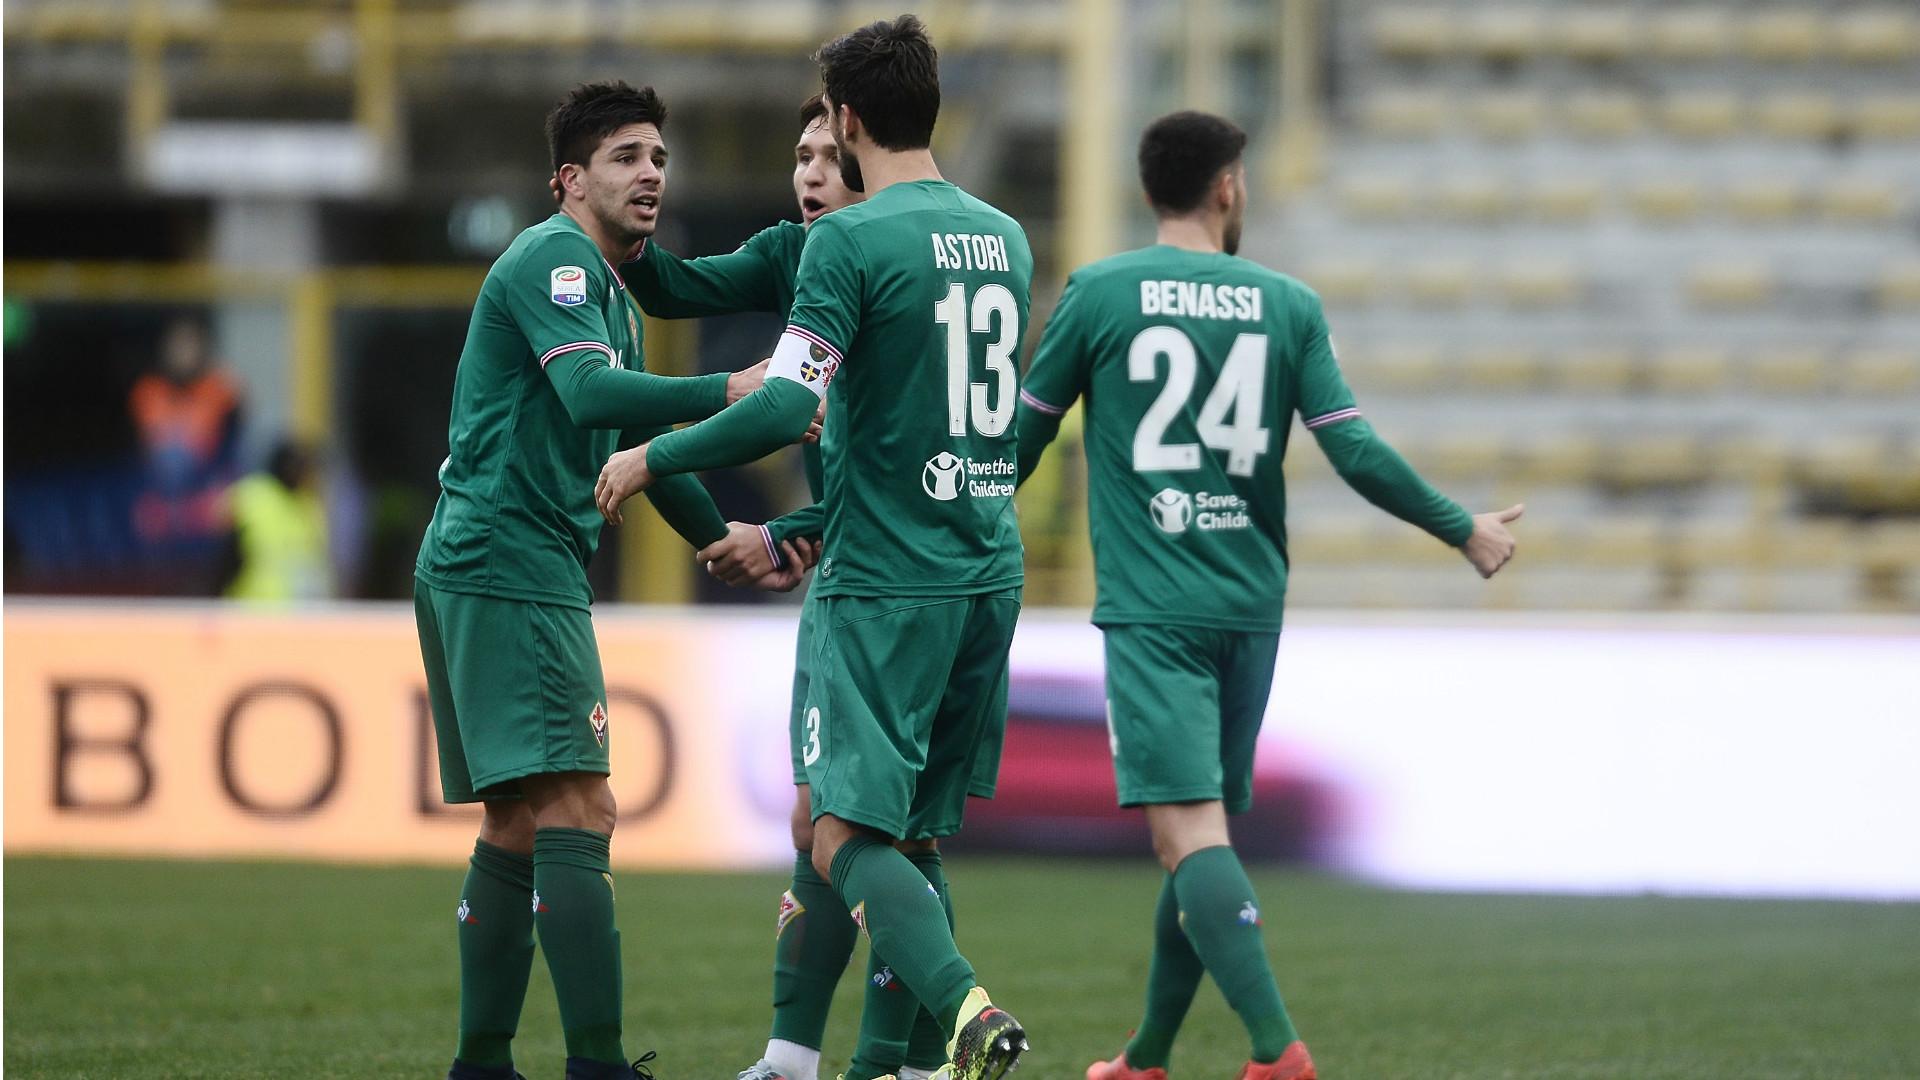 Fiorentina celebrating against Bologna